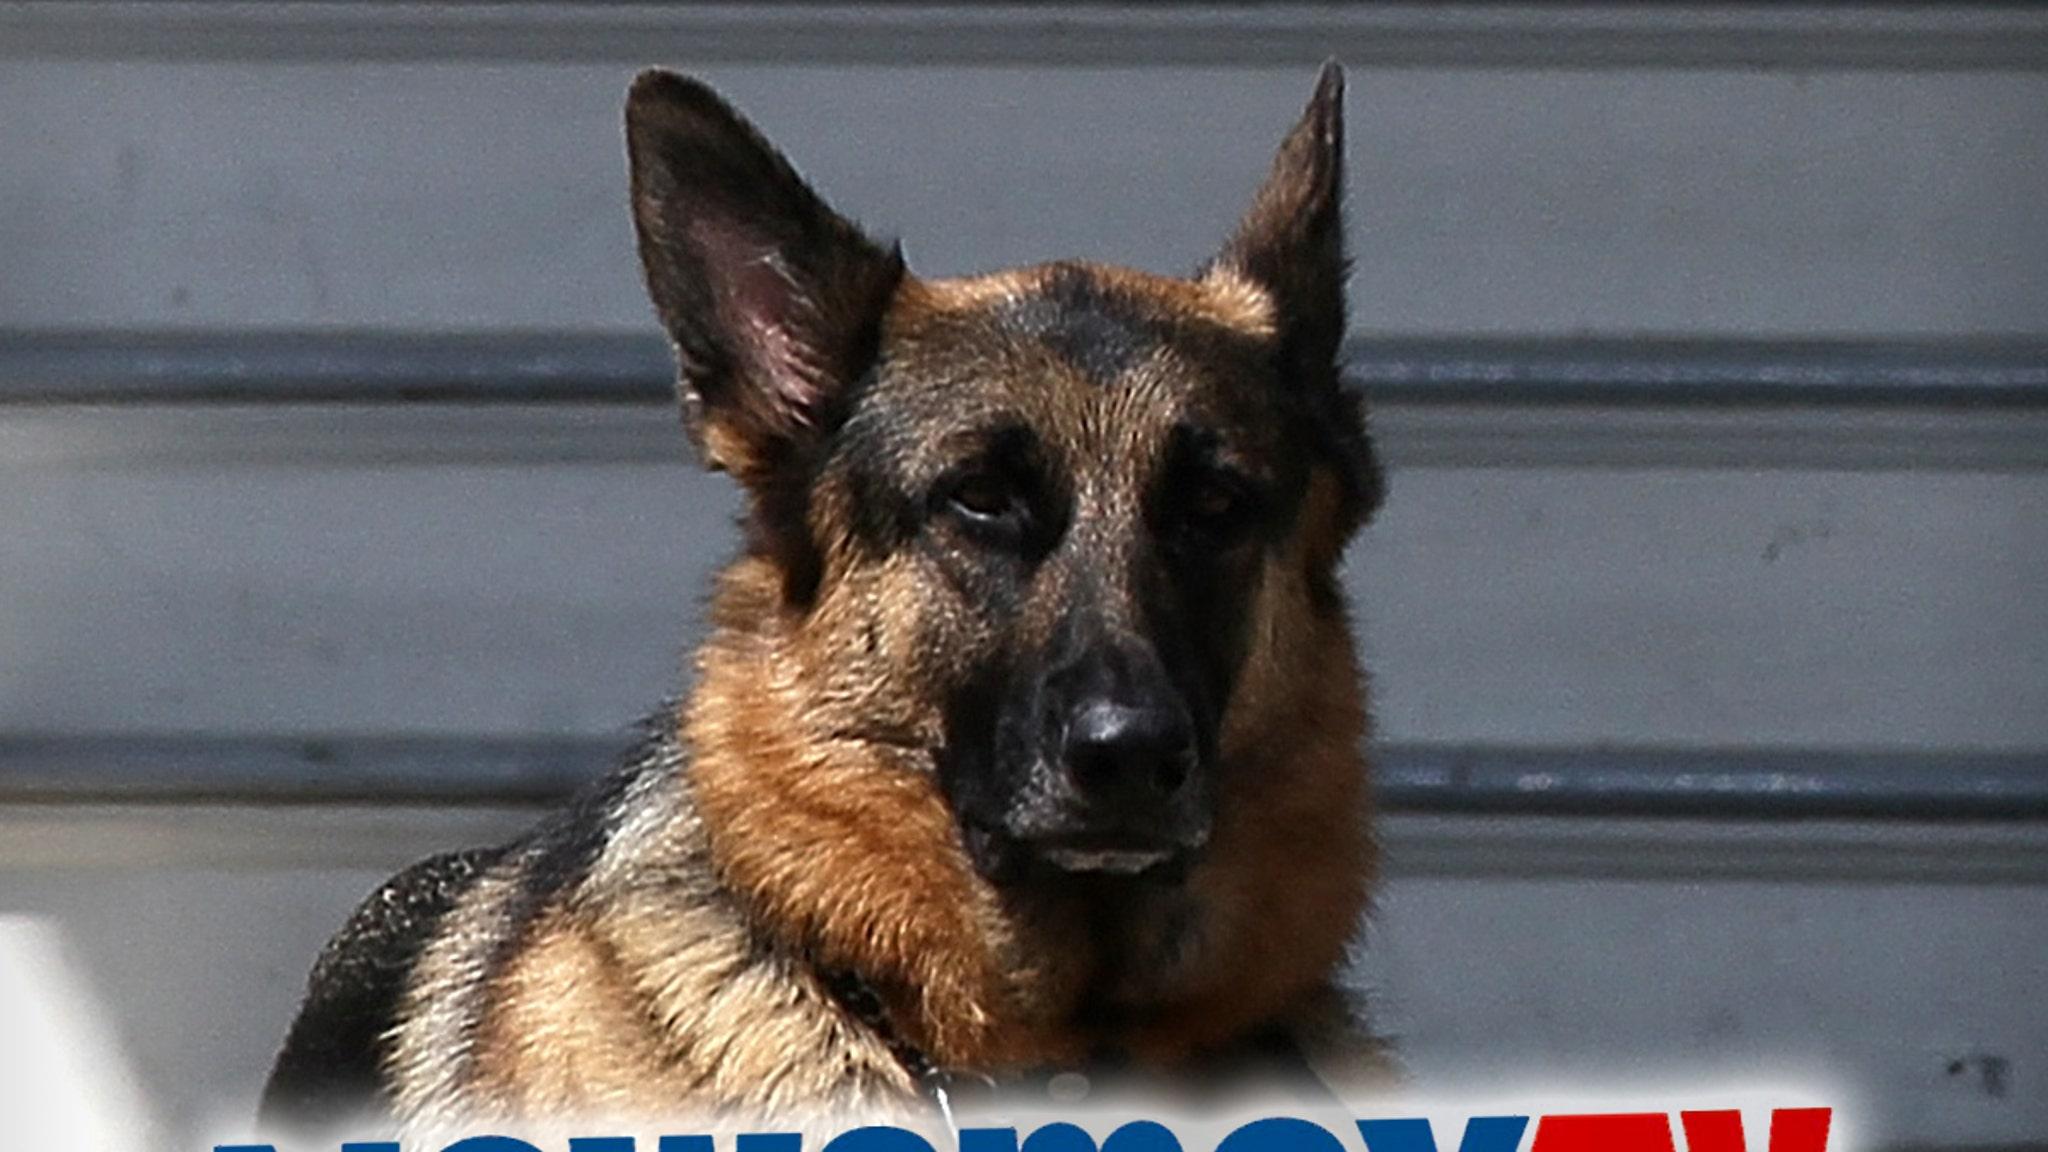 Собака президента Байдена, чемпион, высмеянный и названный уродливым на Newsmax